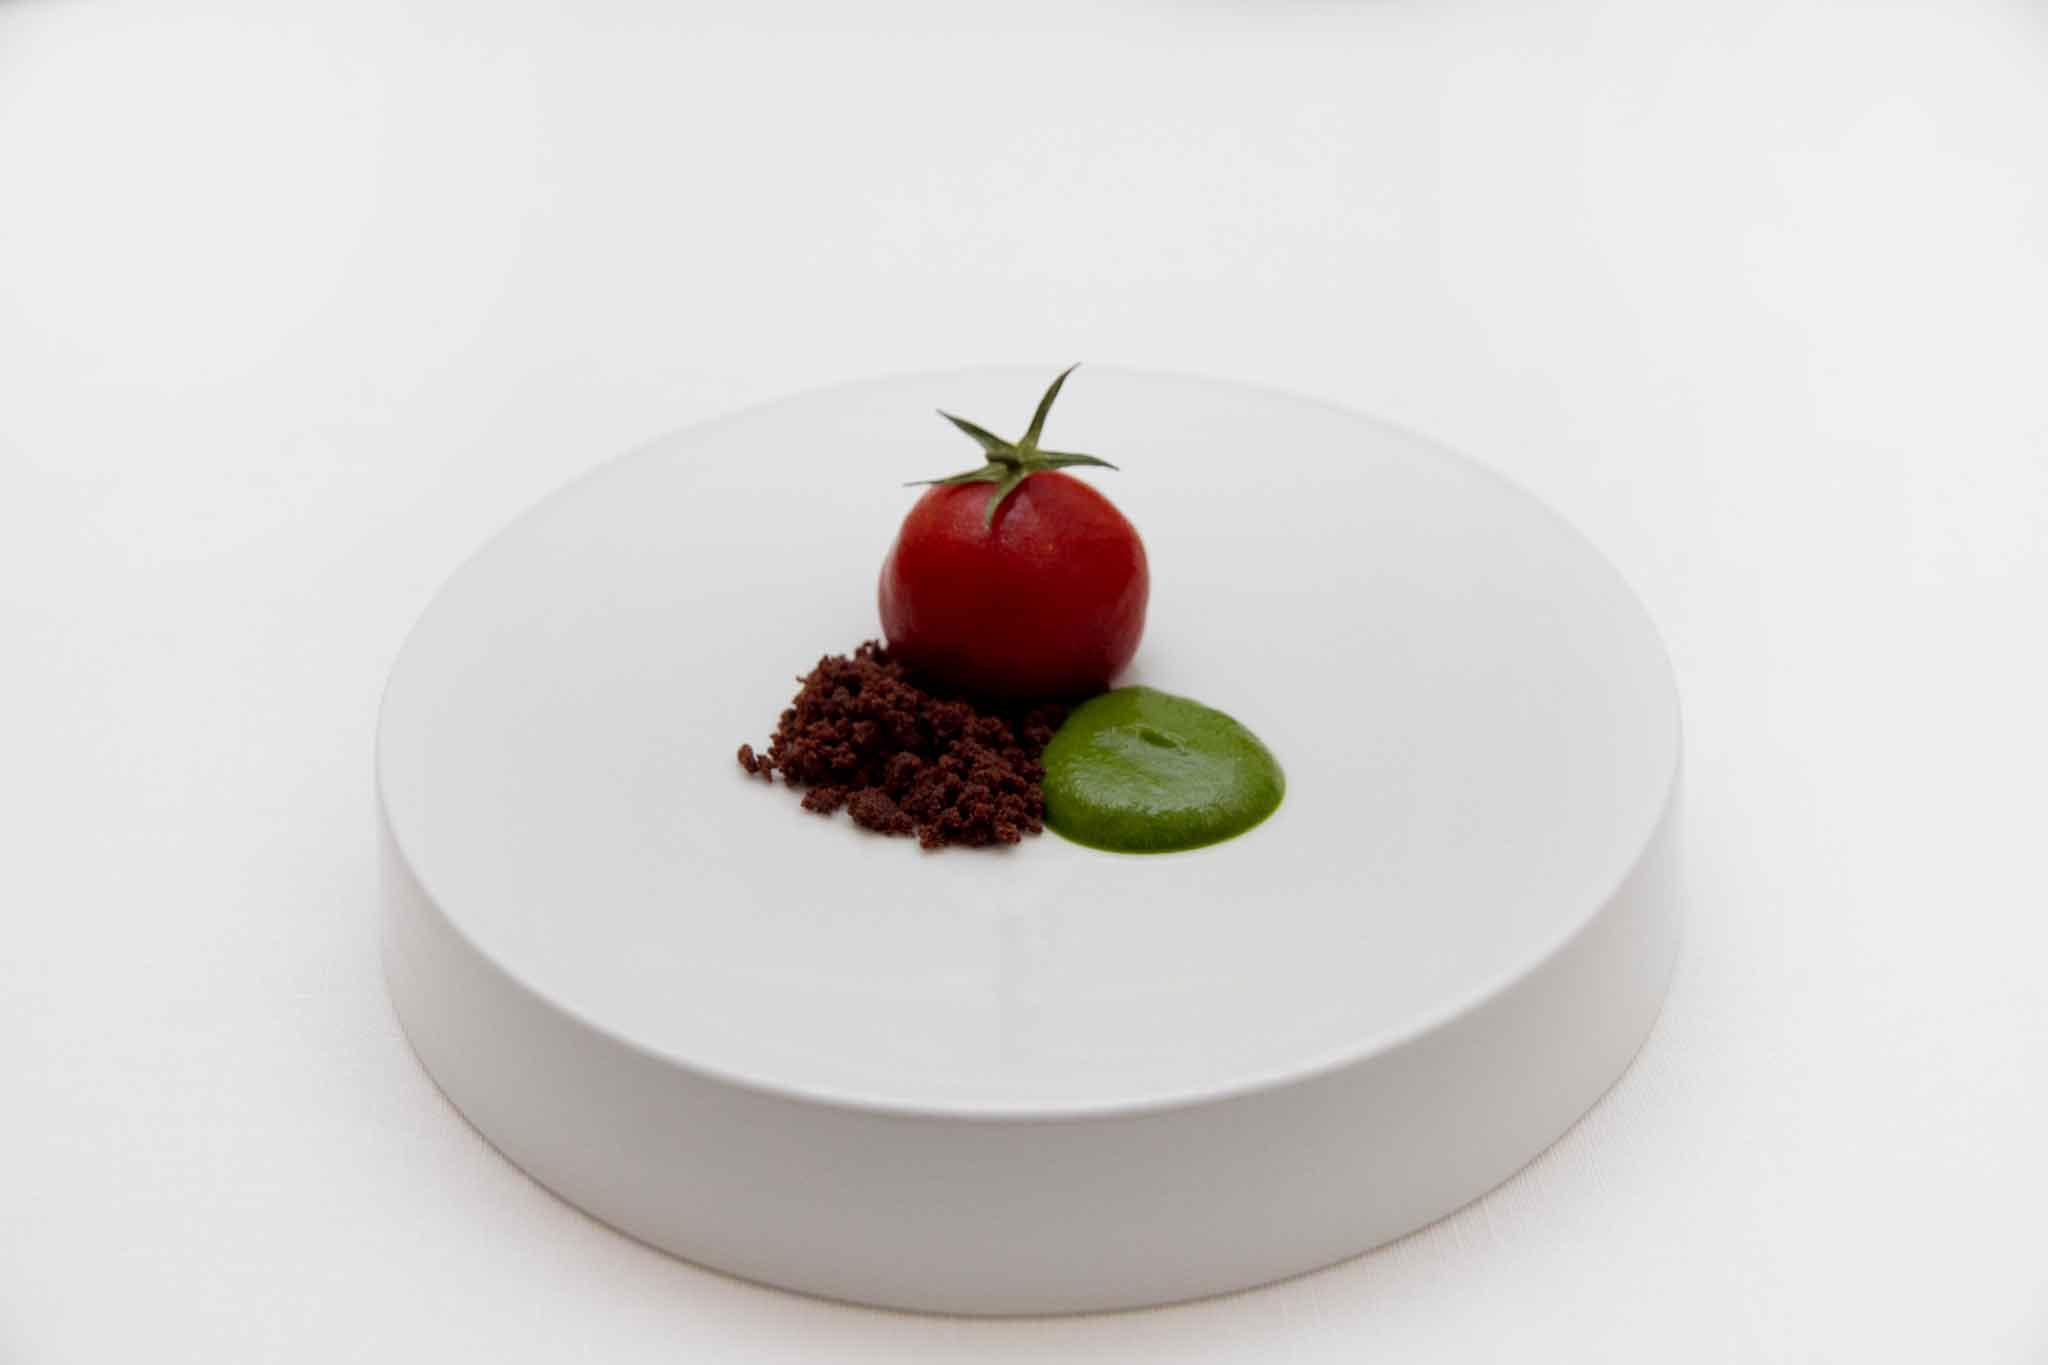 Bologna cosa mangerete alla festa 5 sensi uniti 2016 a giugno - Chef titanium con voz ...